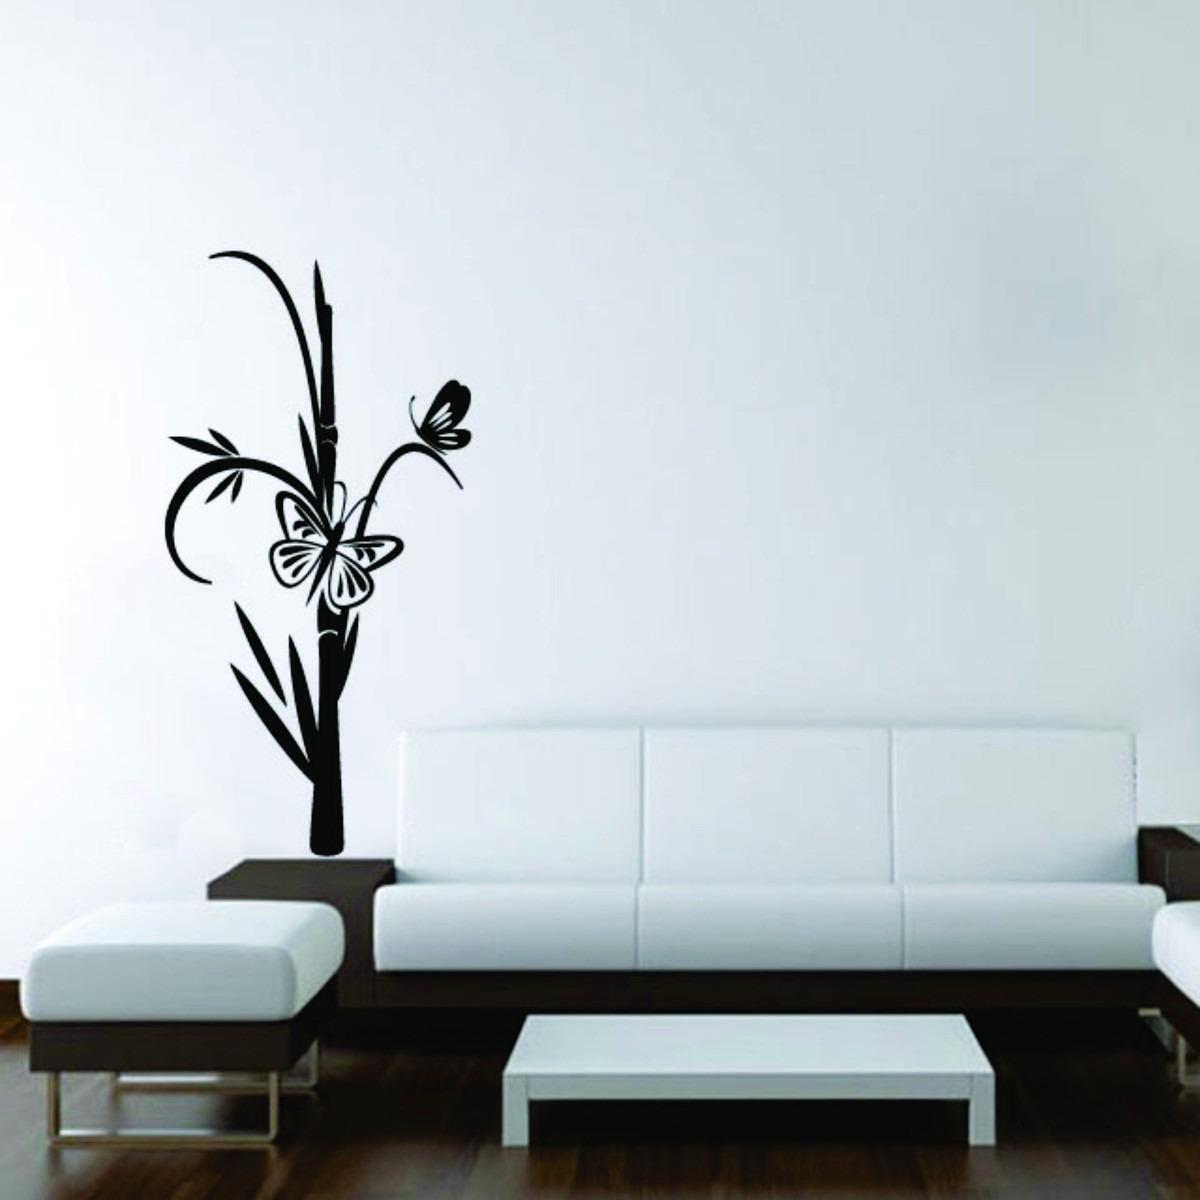 Adesivo Decorativo De Parede Floral Flor Borboletas Sala R 24 99  -> Adesivos Decorativos Para Sala De Jantar